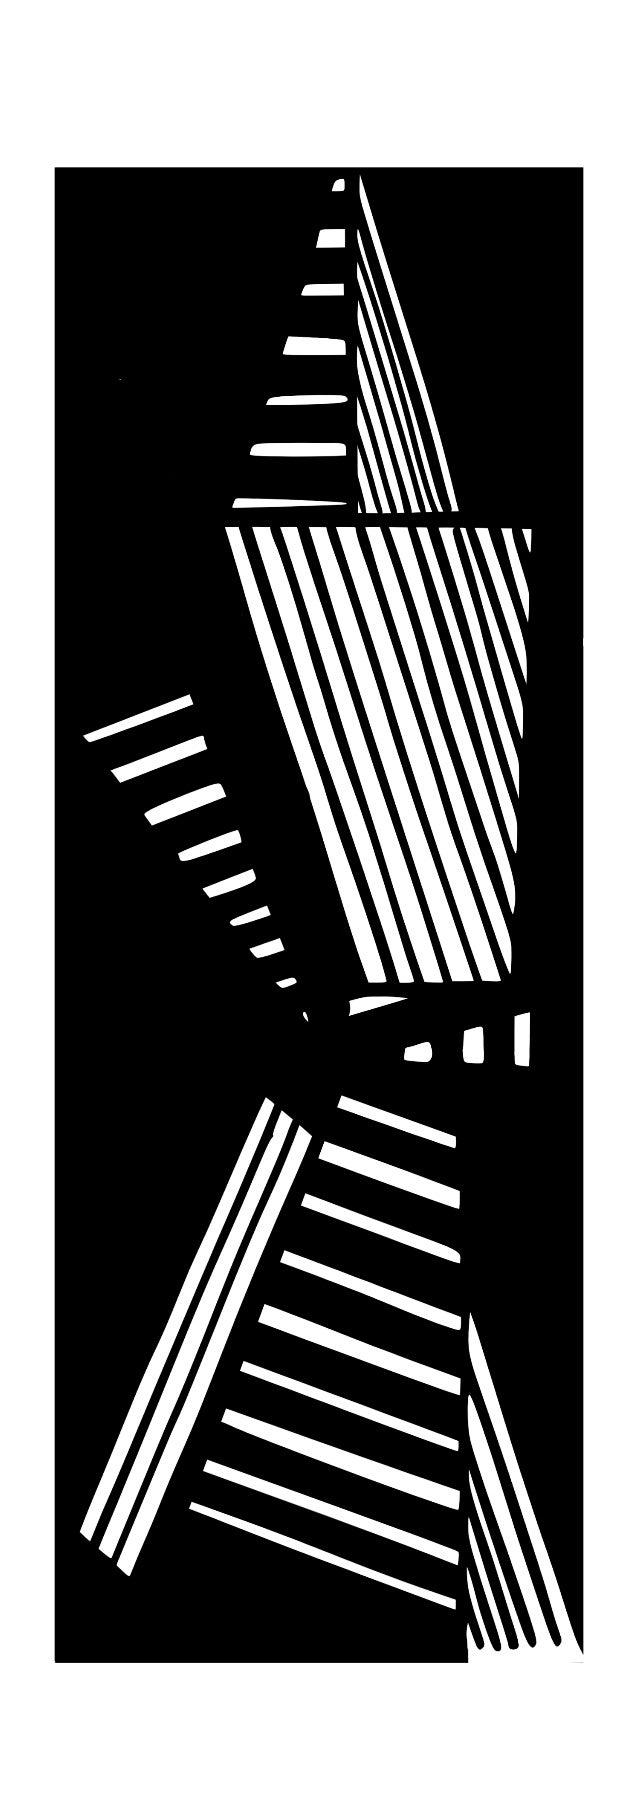 2 tvrtek 3. 7. 2014 Program 9.00 sál spořitelny Výslovnost odsud pocaď neboli ke způsobu existence zvukové normy češtiny v...